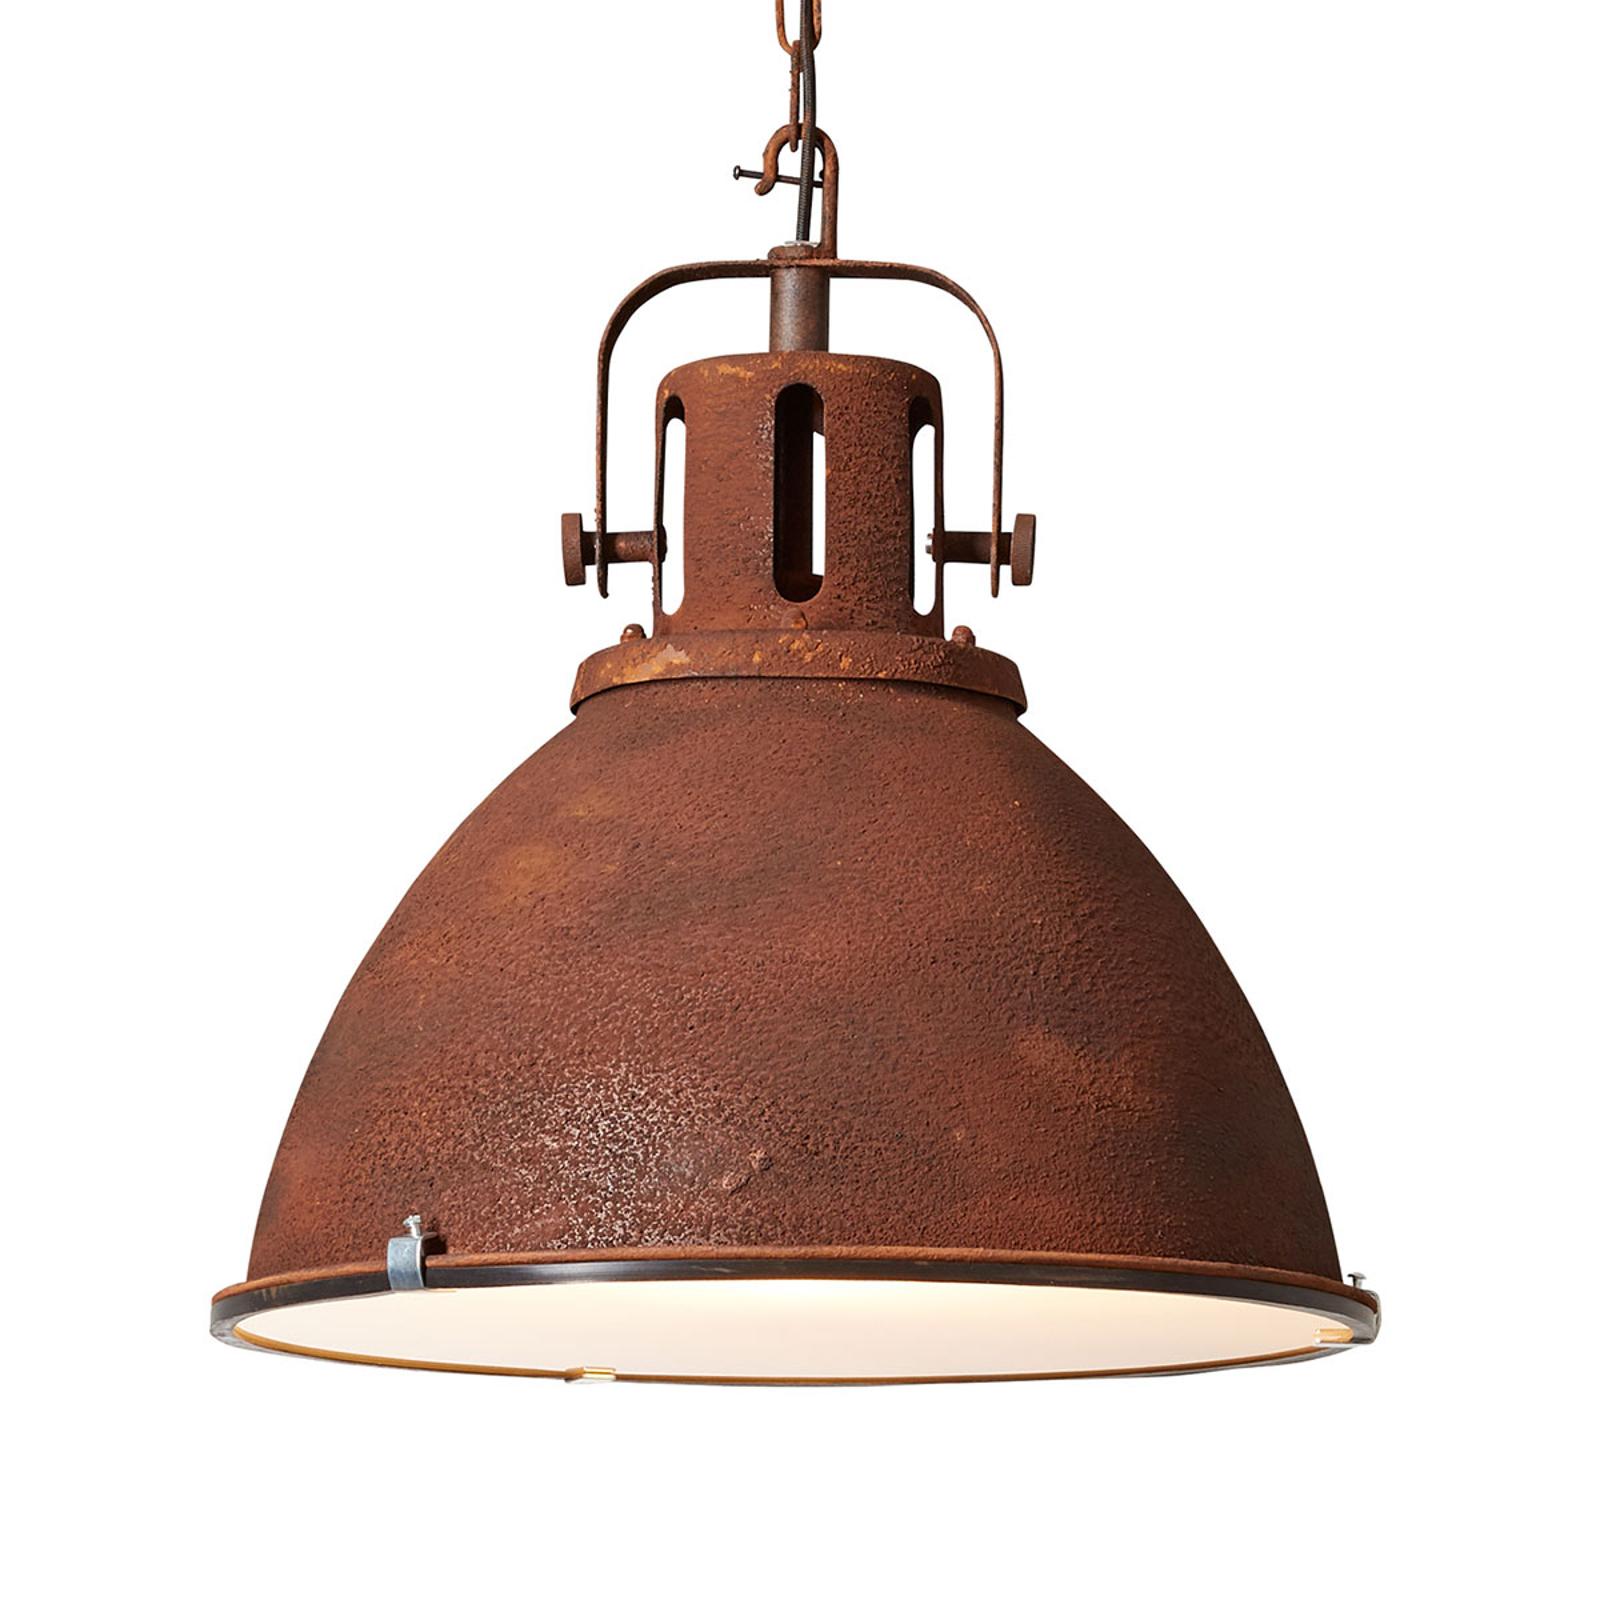 Hængelampe Jesper i industristil